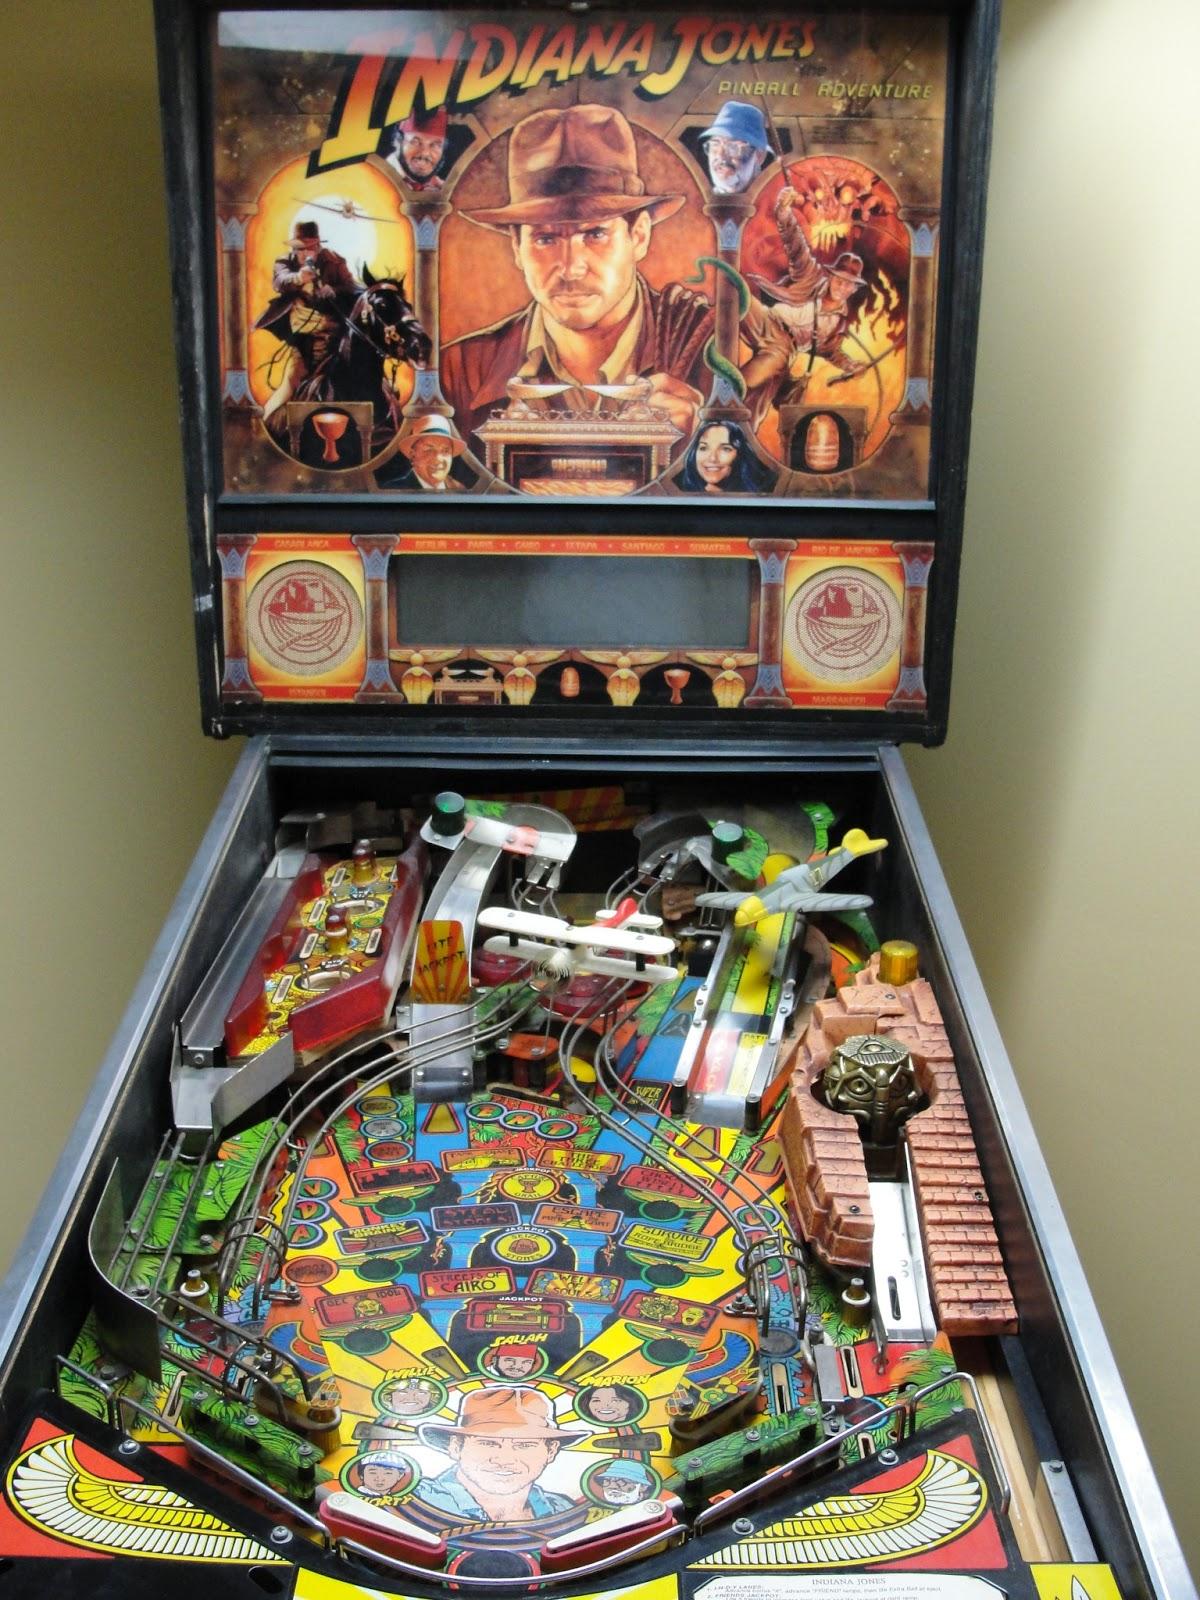 Indiana Jones Pinball Machine (1993) by Williams - Pinball Hem